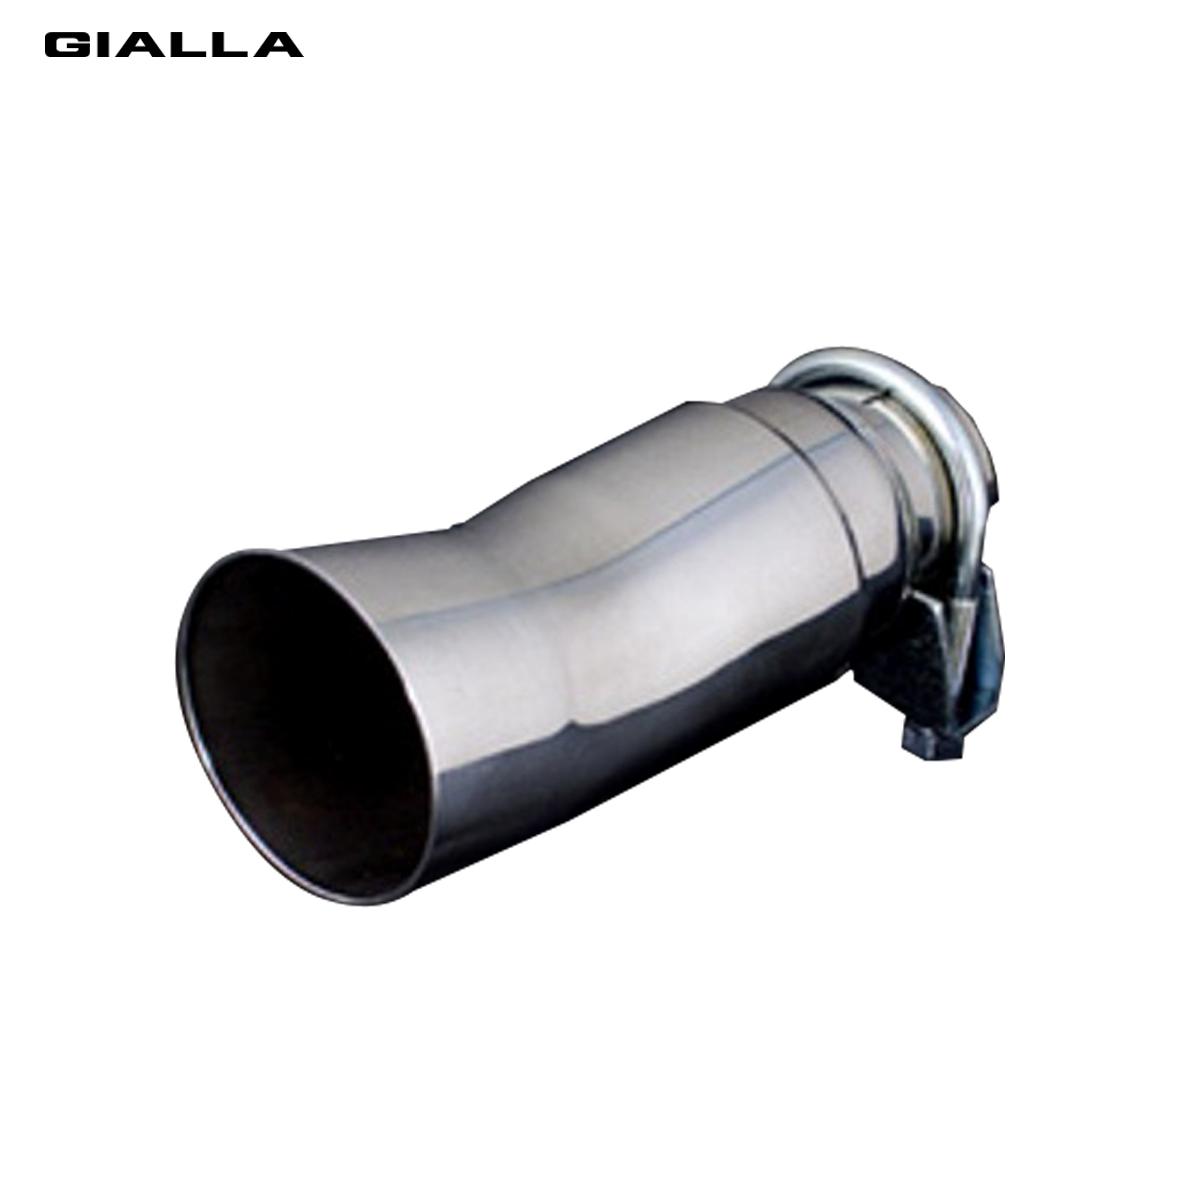 ジアラ セレナ C25 マフラーカッター GIALLA スポルティボ 配送先条件有り